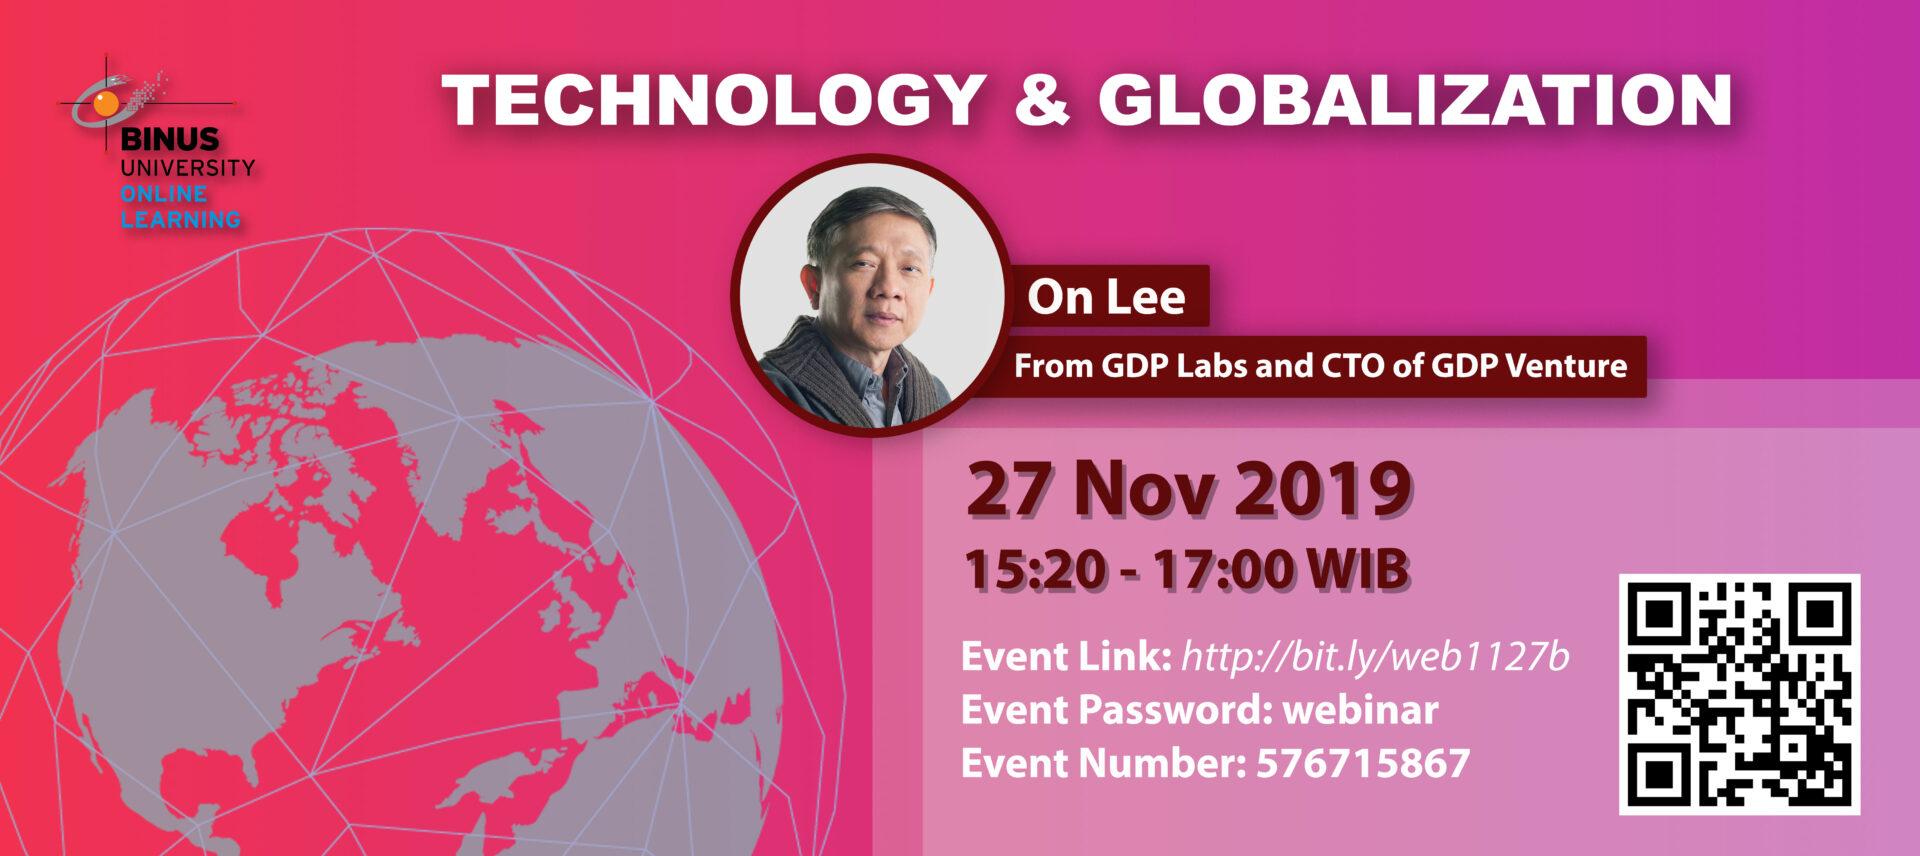 Technology & Globalization